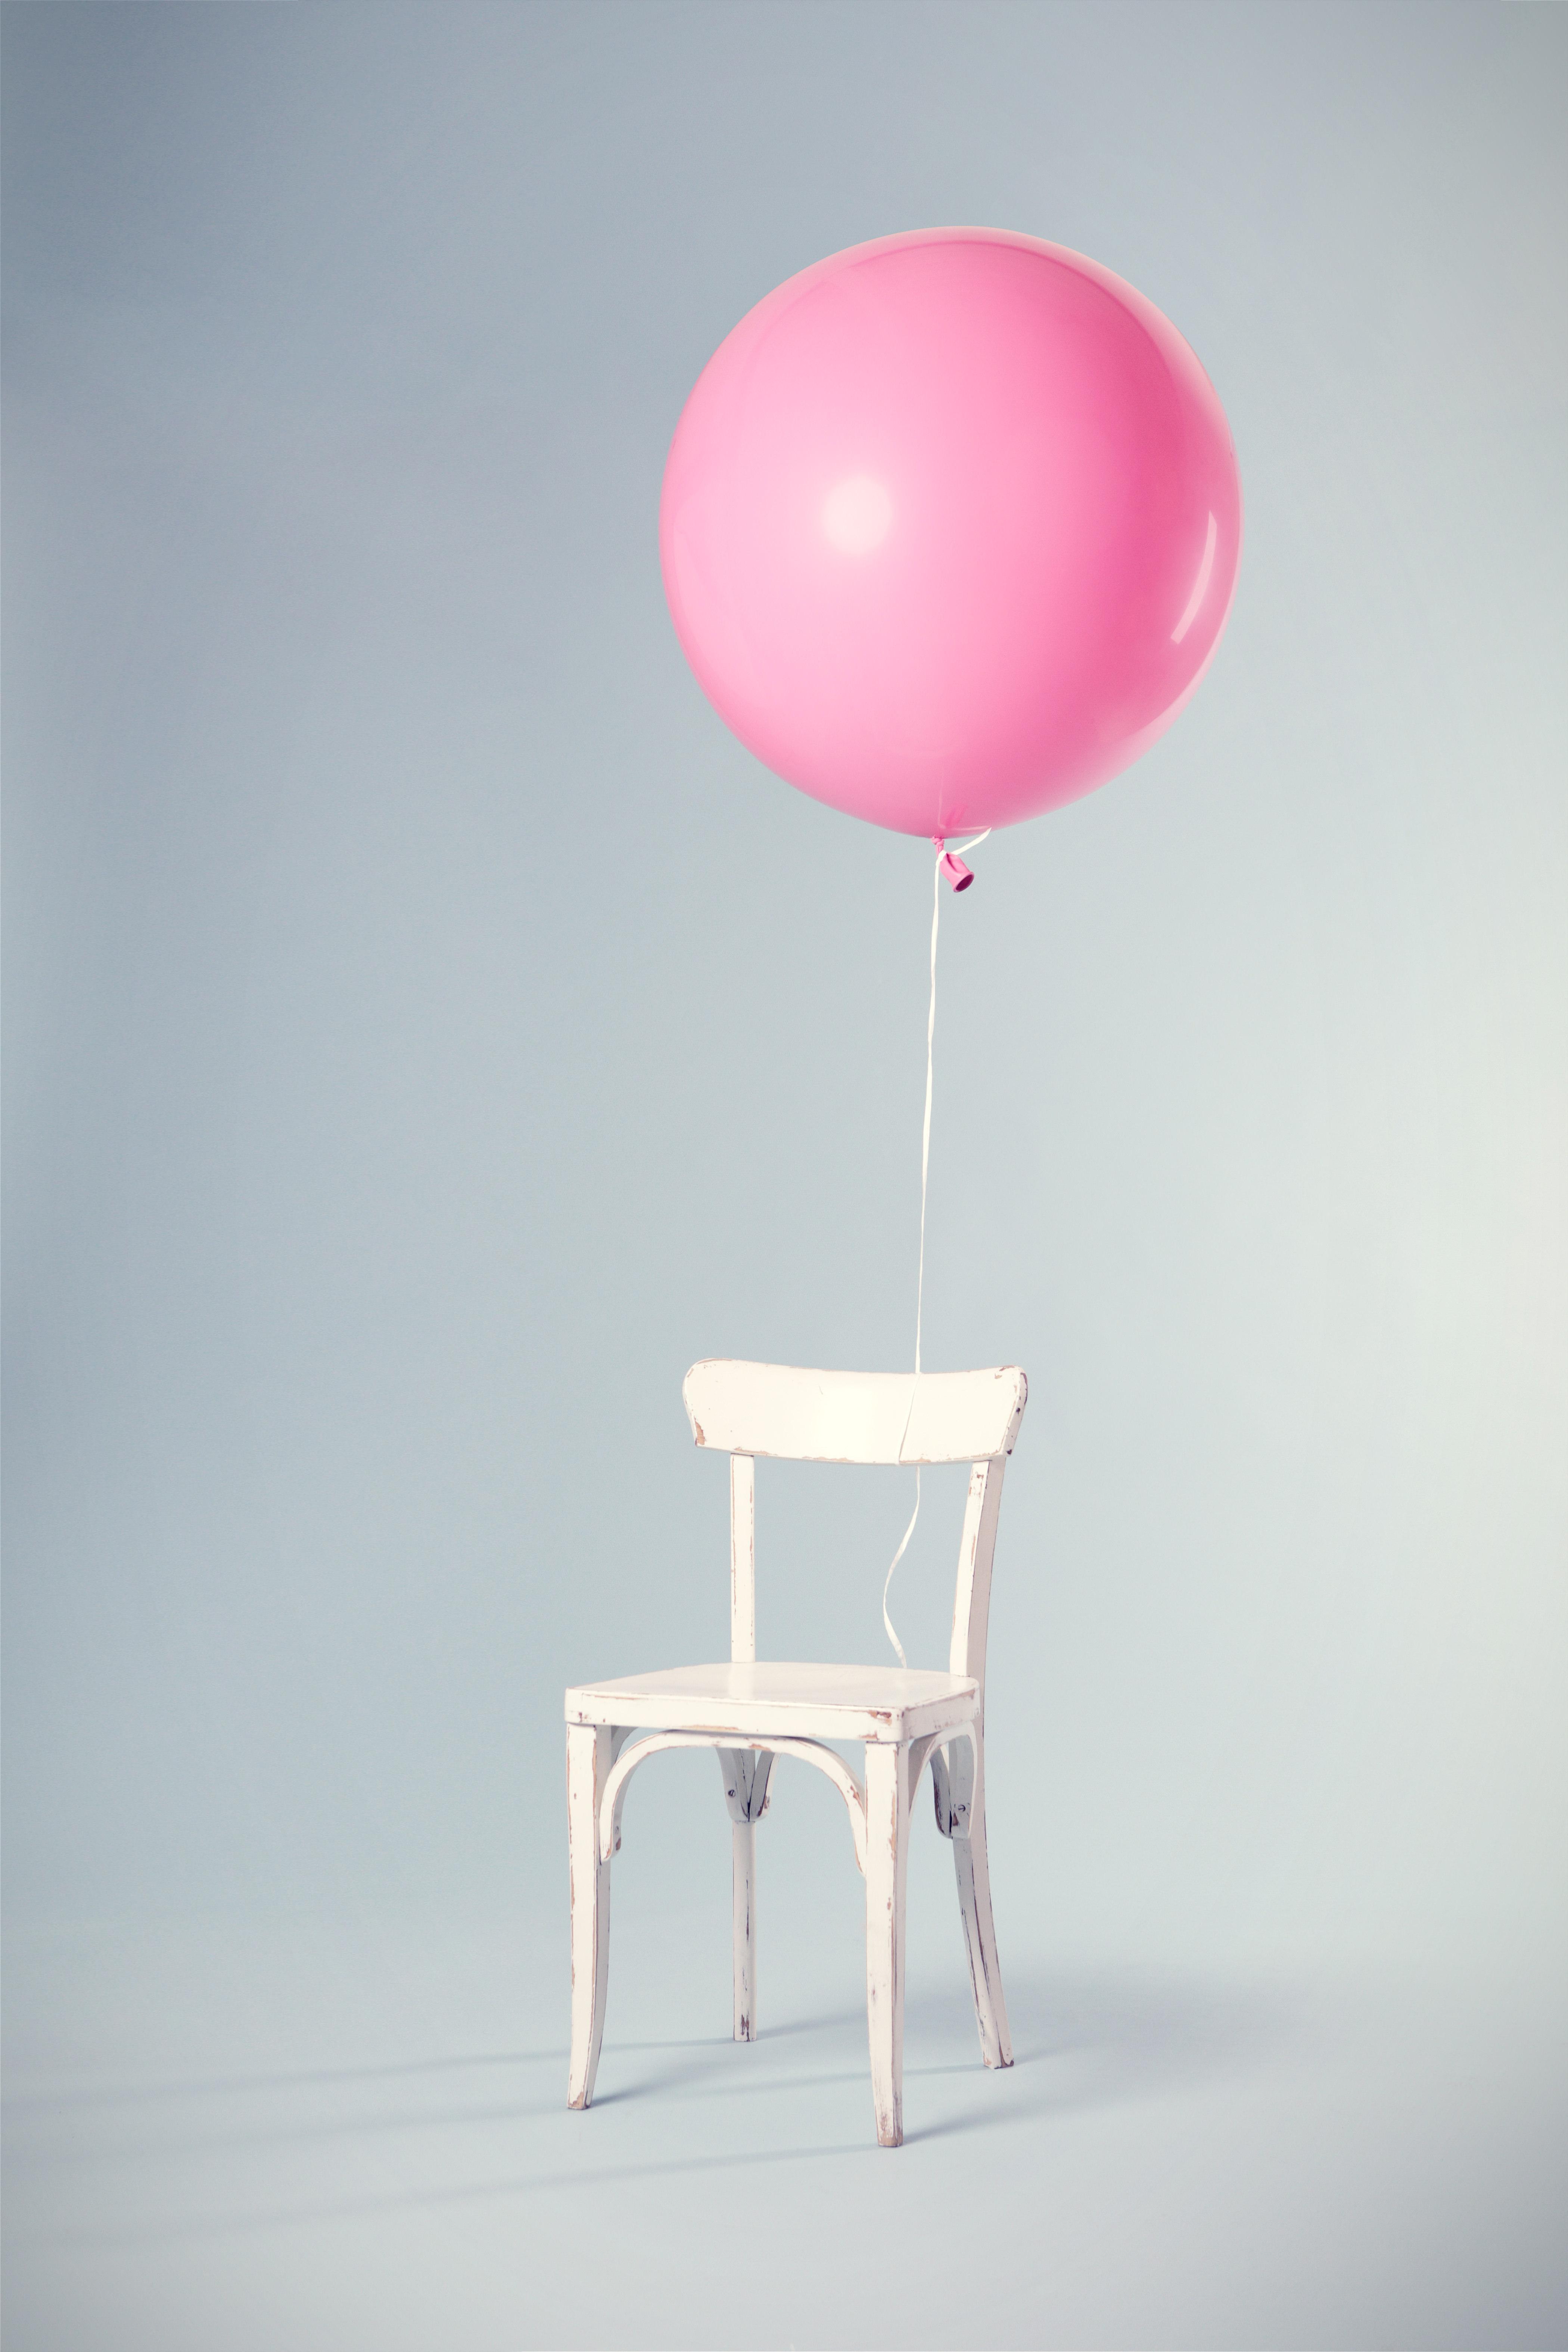 ballononchair